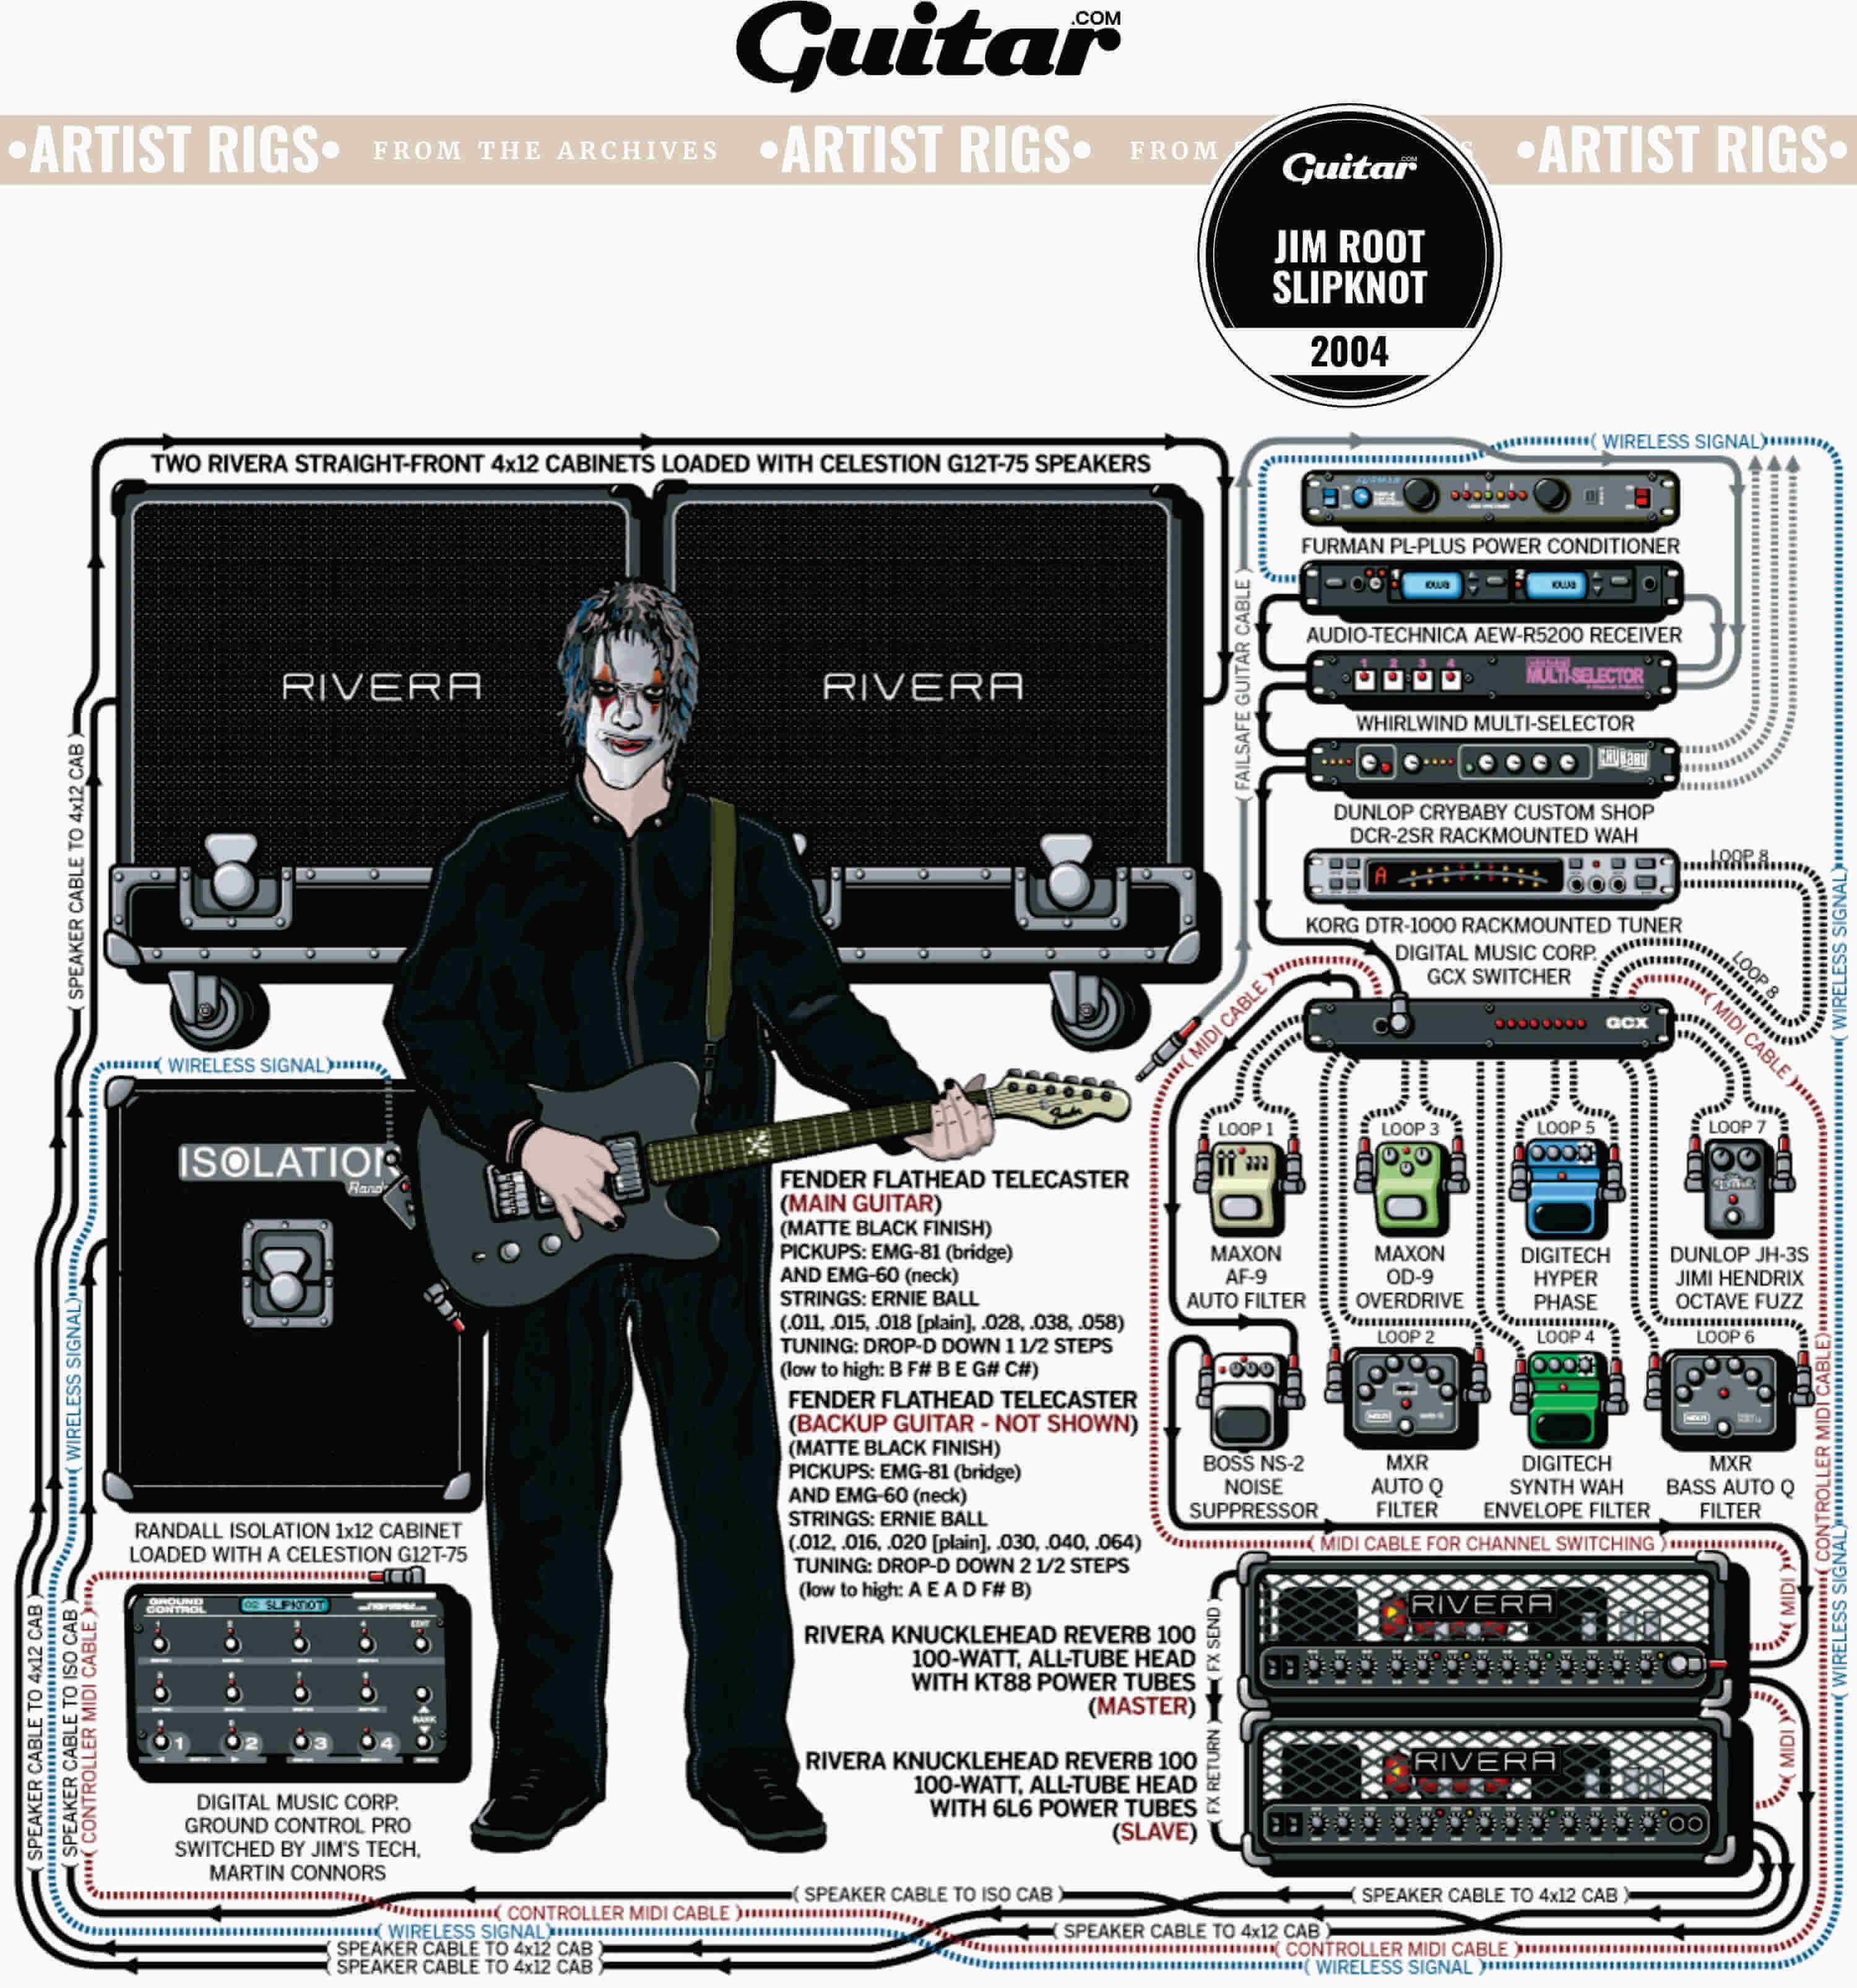 Rig Diagram: Jim Root, Slipknot (2004)